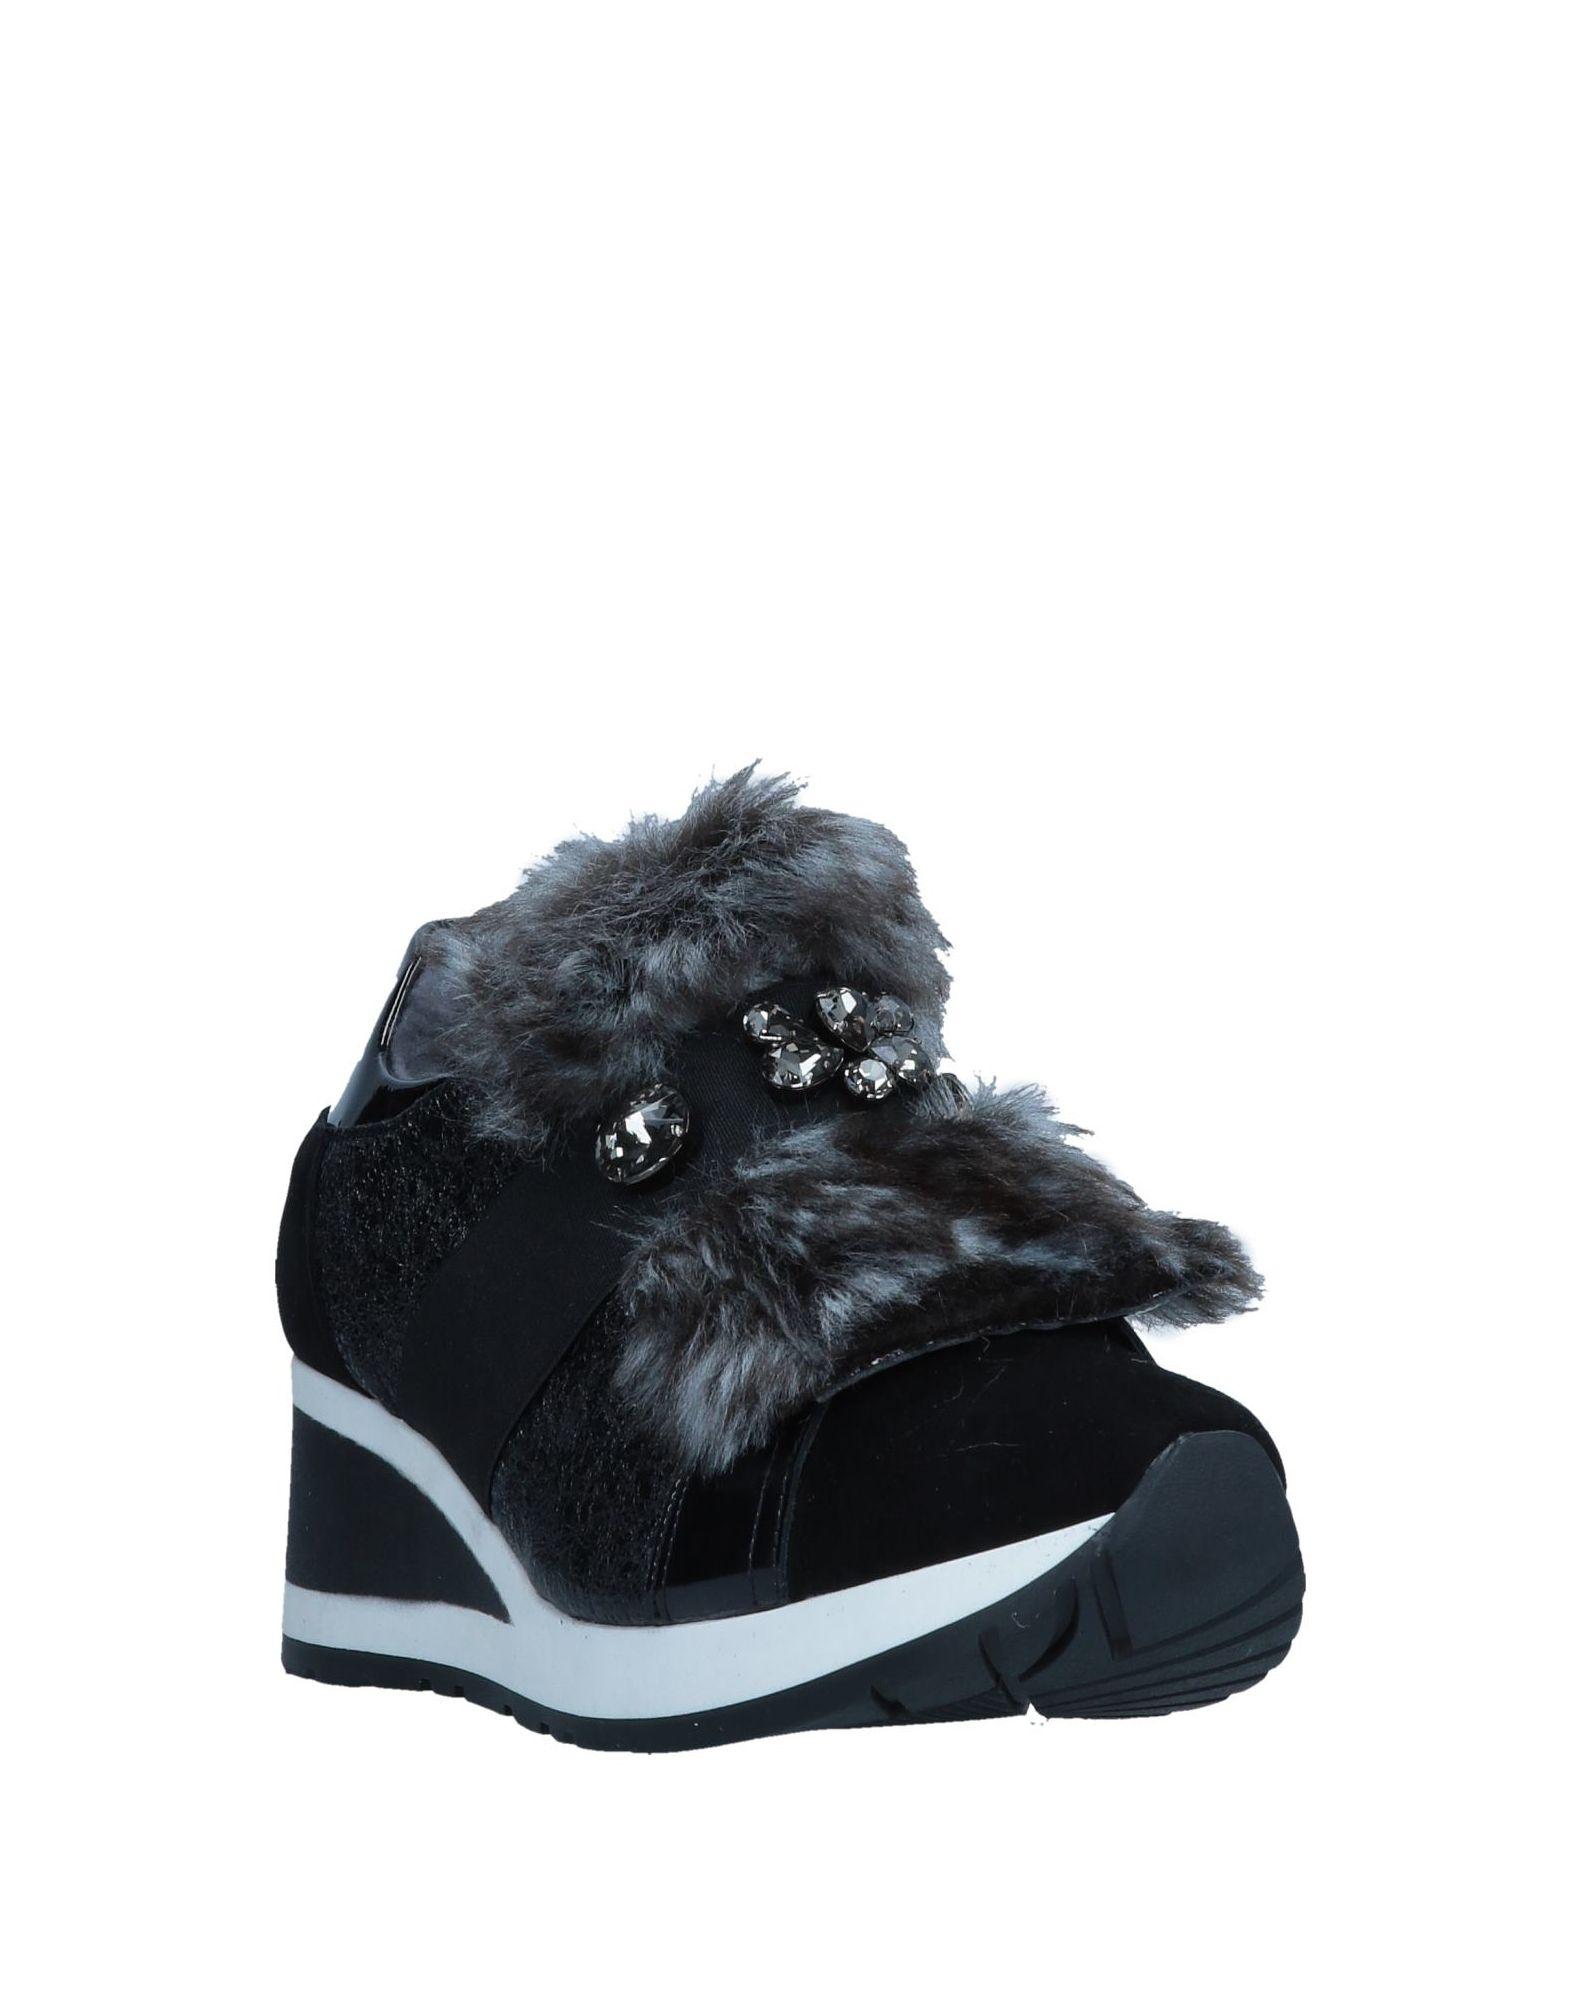 c03d838b5f6fb2 ... Asylum Gute Sneakers Damen 11548334FL Gute Asylum Qualität beliebte  Schuhe 6783b4 ...